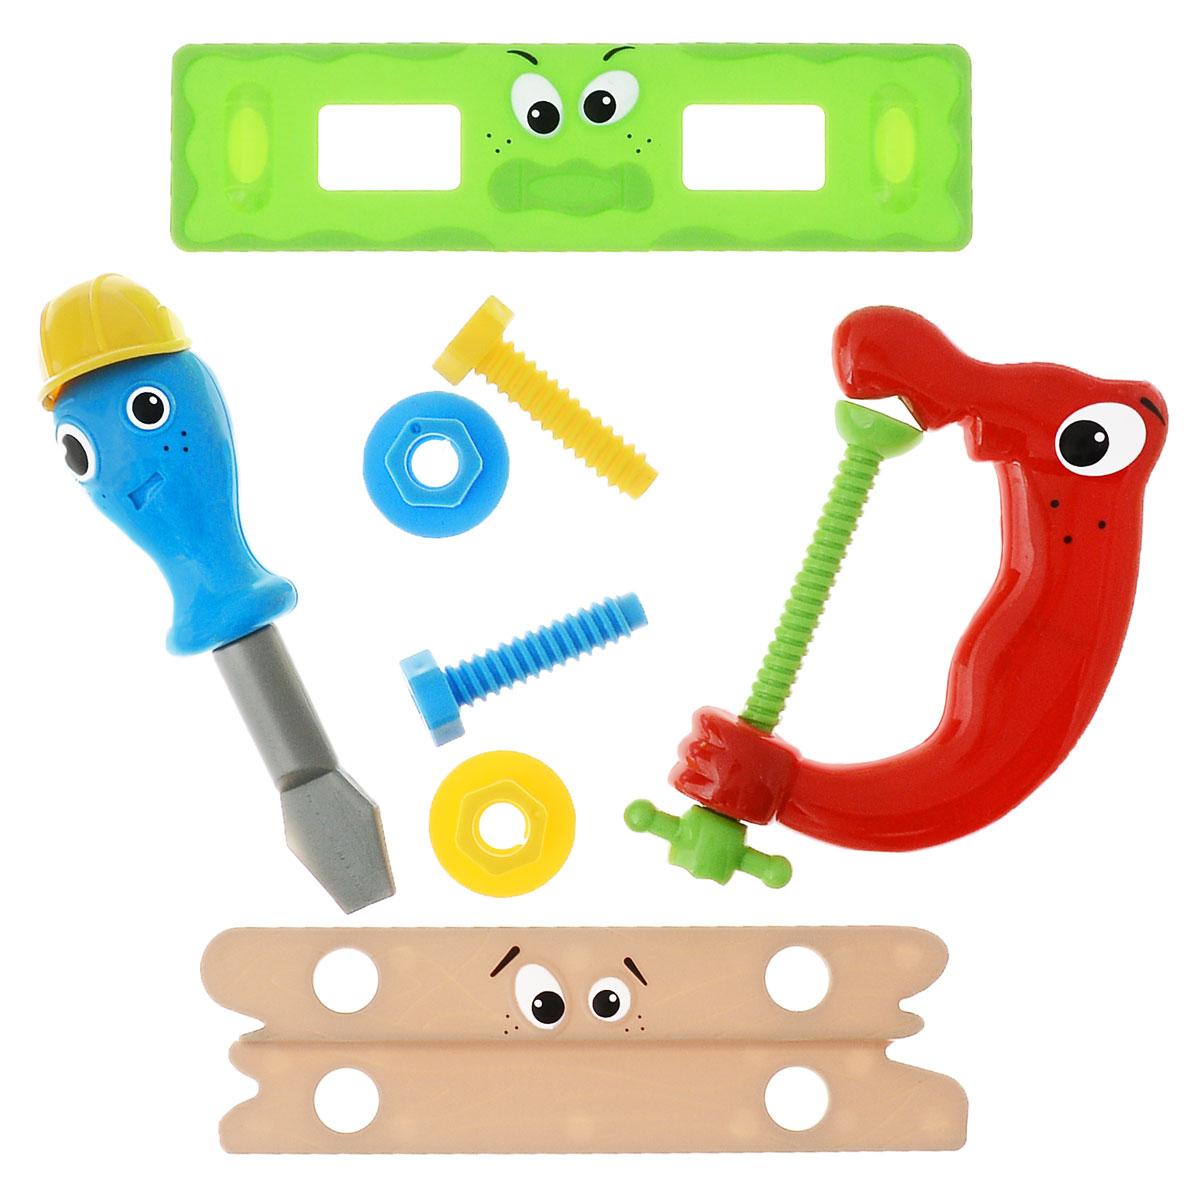 1TOY Игровой набор Профи-малыш цвет зеленый красный синийТ55985_серыйИгровой набор 1TOY Профи-малыш состоит из реалистичных инструментов для любой работы. В наборе 8 элементов: уровень, 2 болта, 2 гайки, тиски, отвертка, дощечка с отверстиями. Все составляющие набора изготовлены из безопасного качественного пластика. С помощью игрового набора с инструментами ребенок сможет обучиться быть более самостоятельным и хозяйственным. Играя в сюжетно-ролевые игры, у него развивается логическое мышление, координация движений и внимательность.